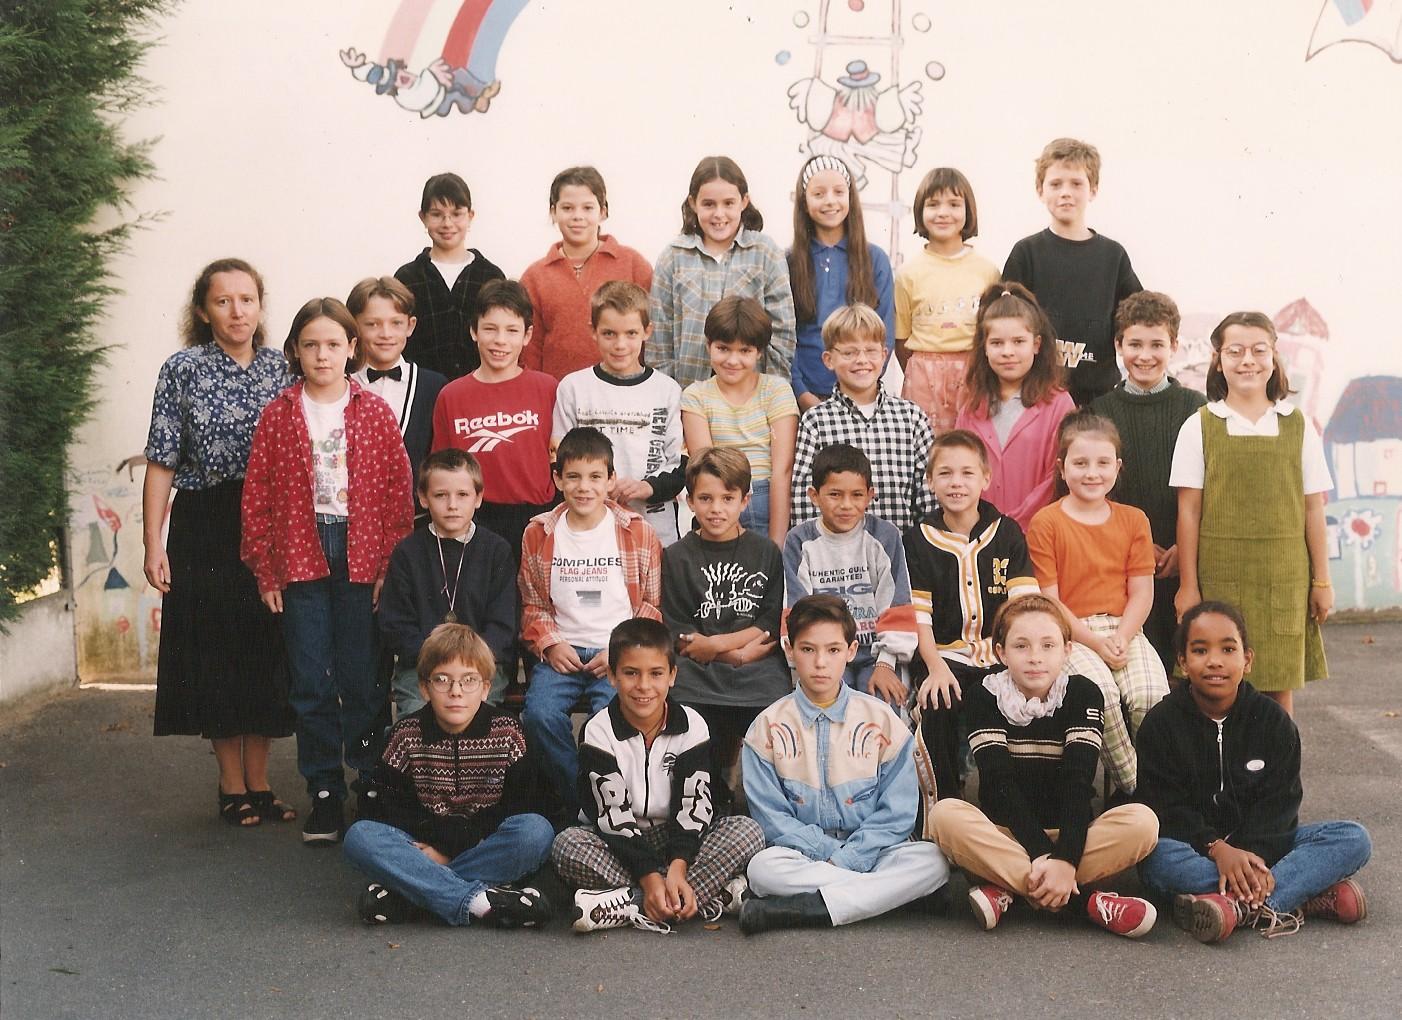 classe-inconnue-3